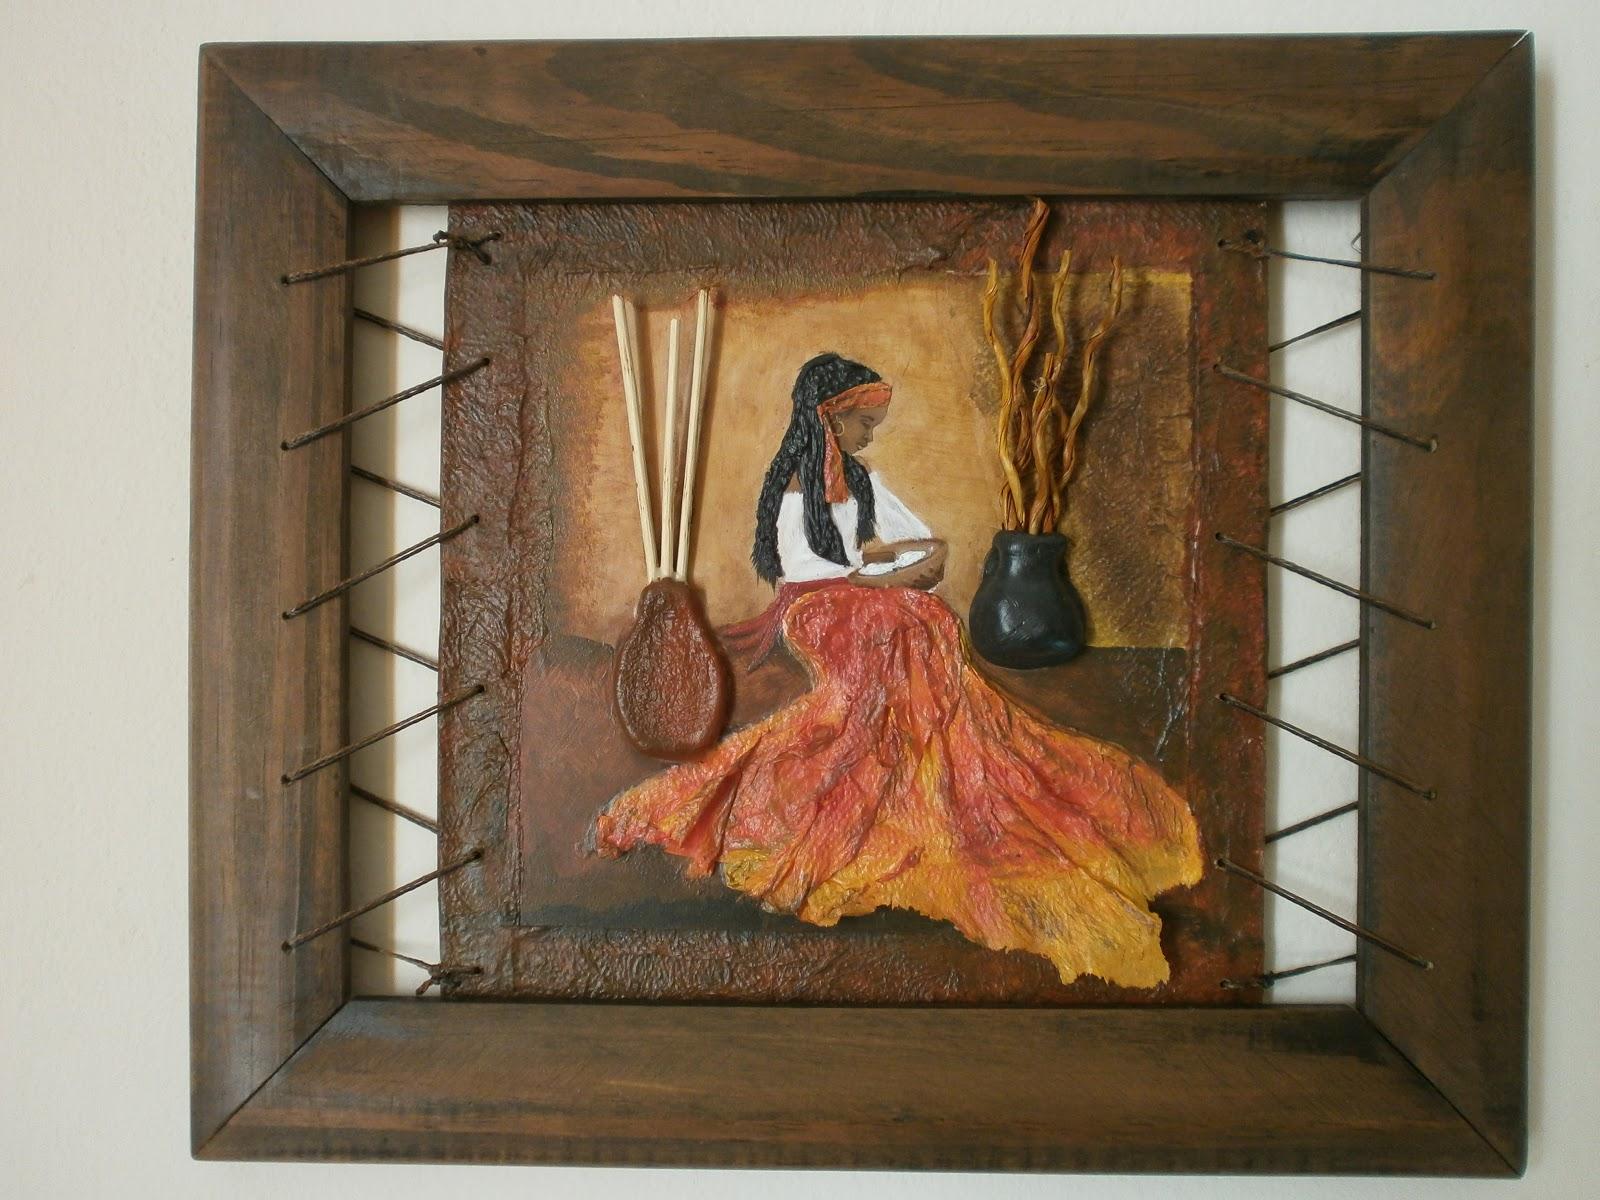 Arte y sur cuadros con relieve - Cuadros para dormitorios rusticos ...